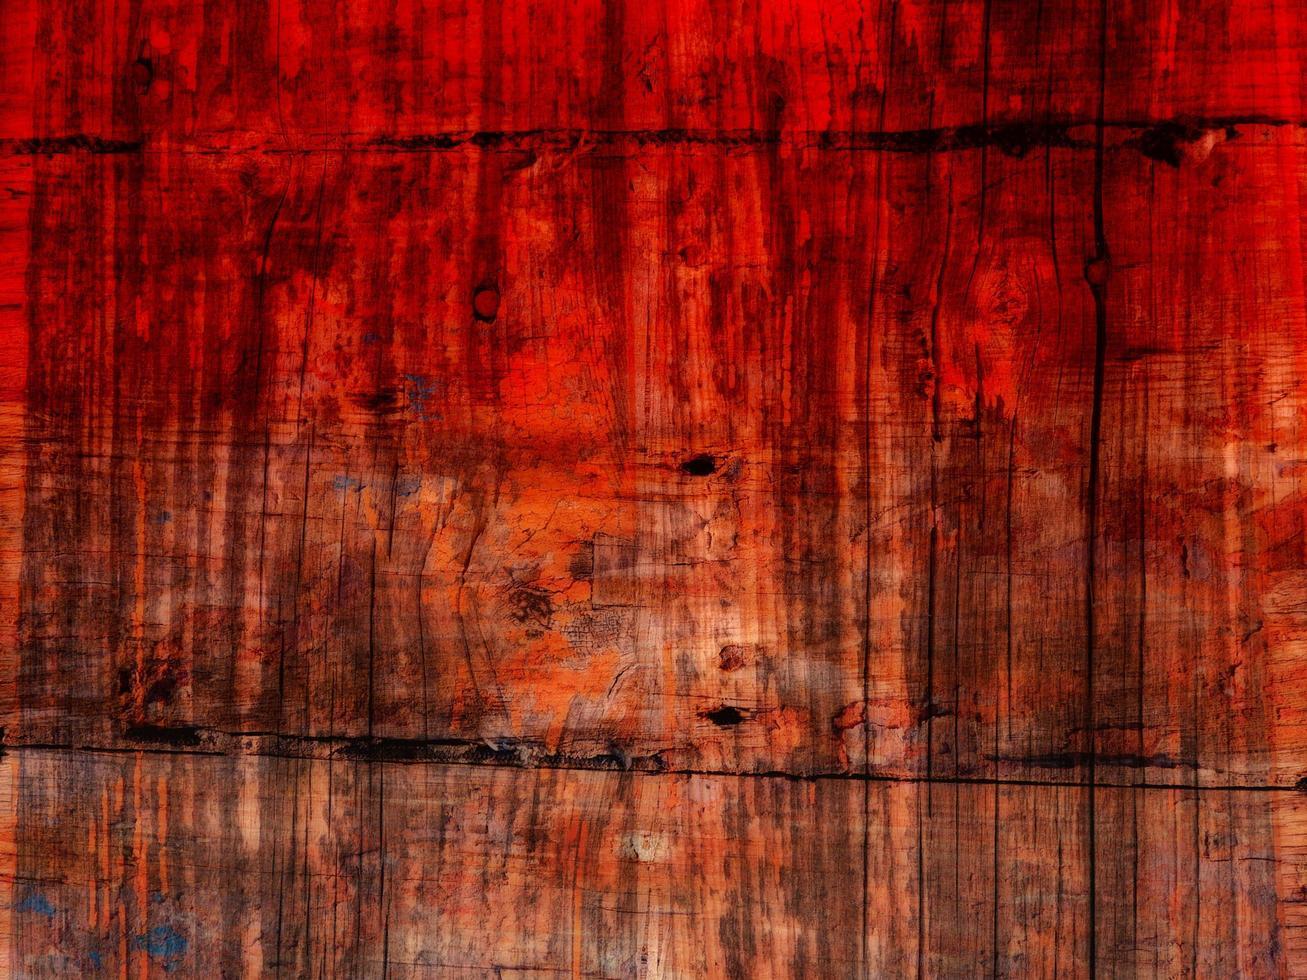 struttura in legno colorato foto